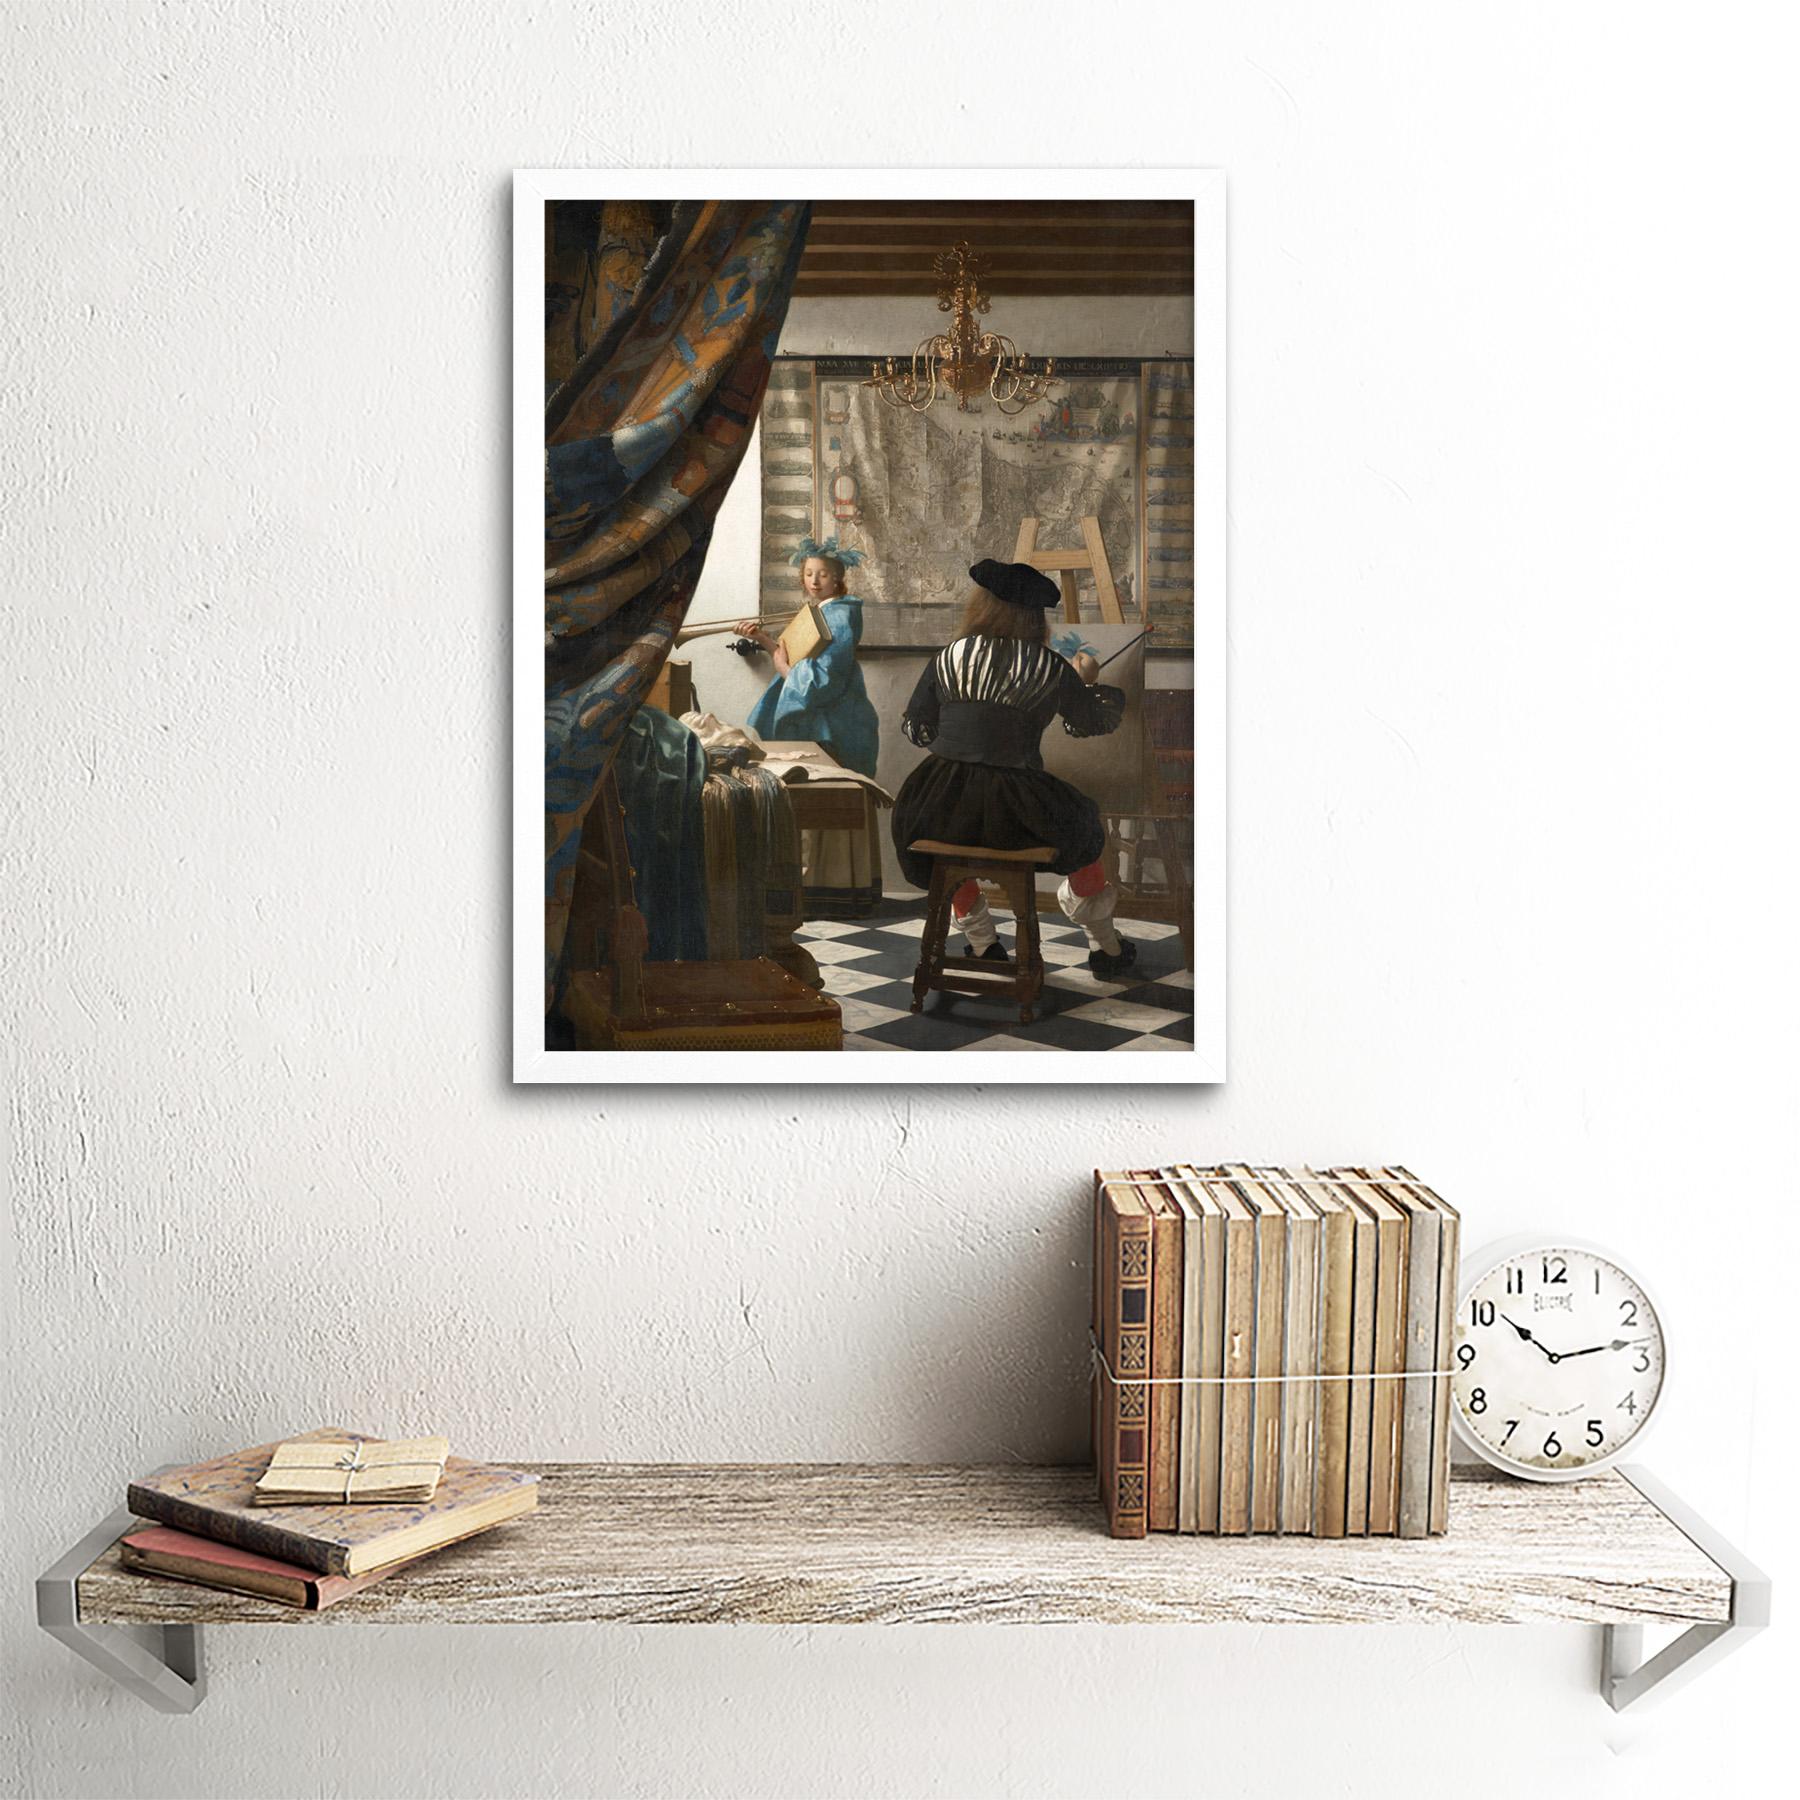 Jan-Vermeer-The-Art-Of-Painting-Art-Print-Framed-12x16 thumbnail 18